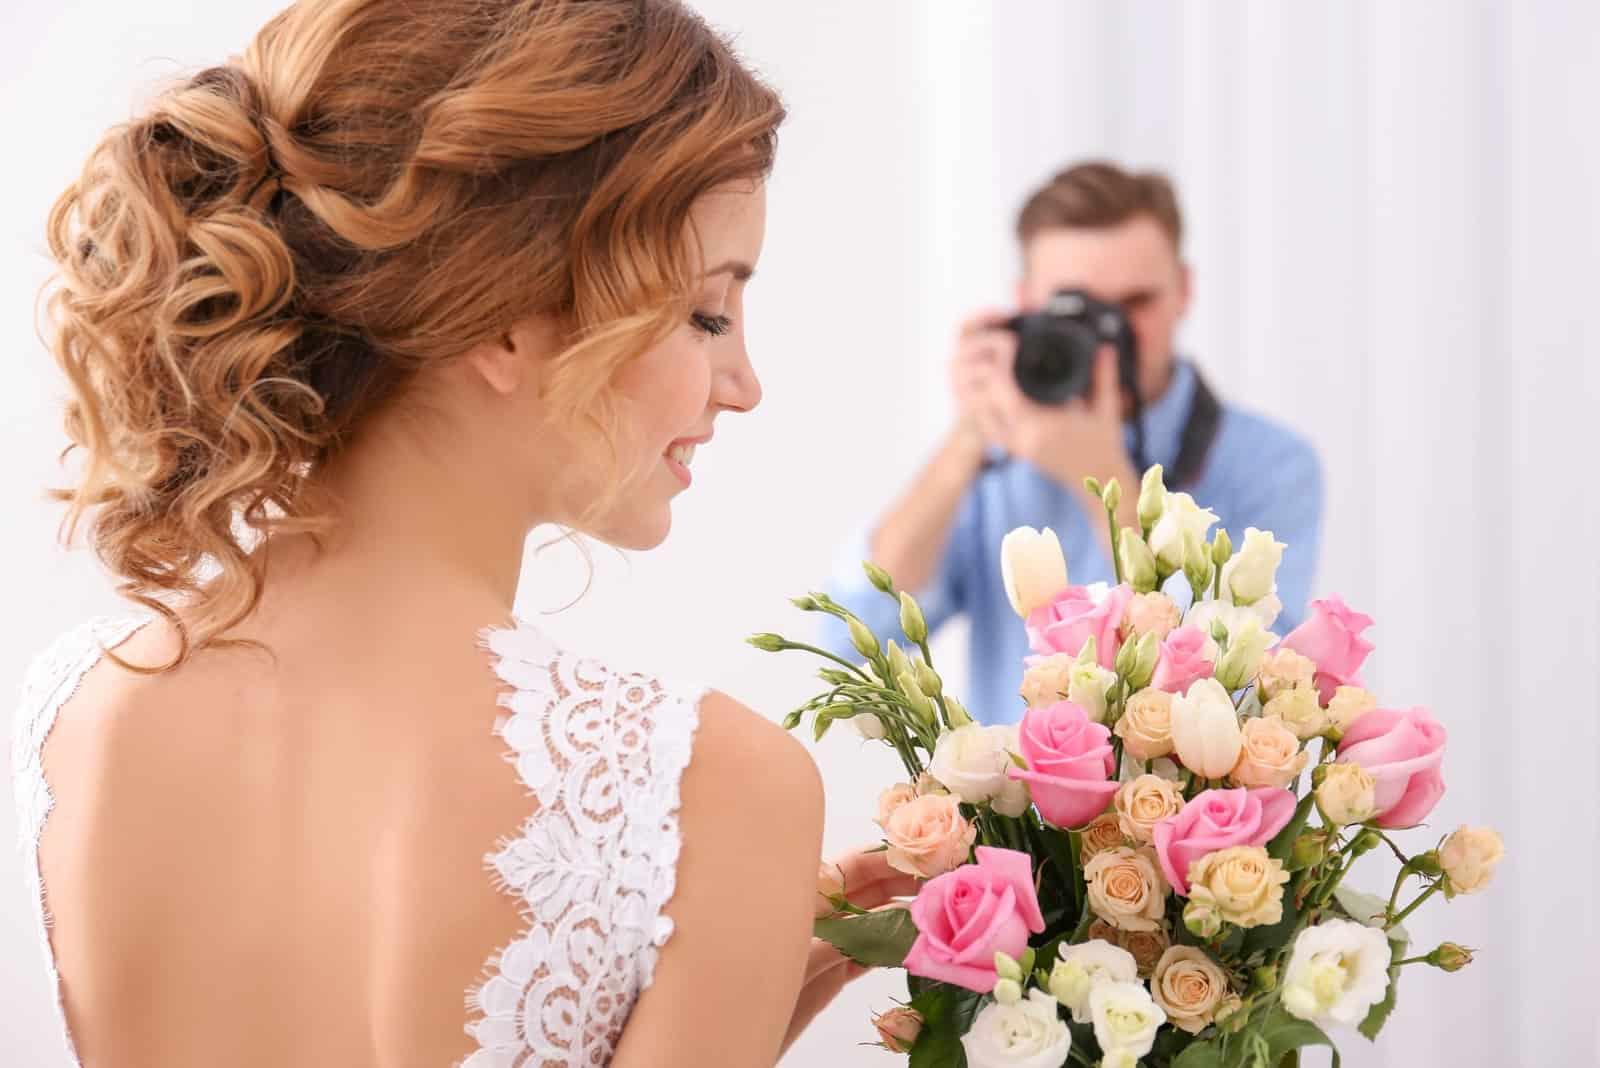 Hochzeitsfotograf, der Foto der schönen Braut macht